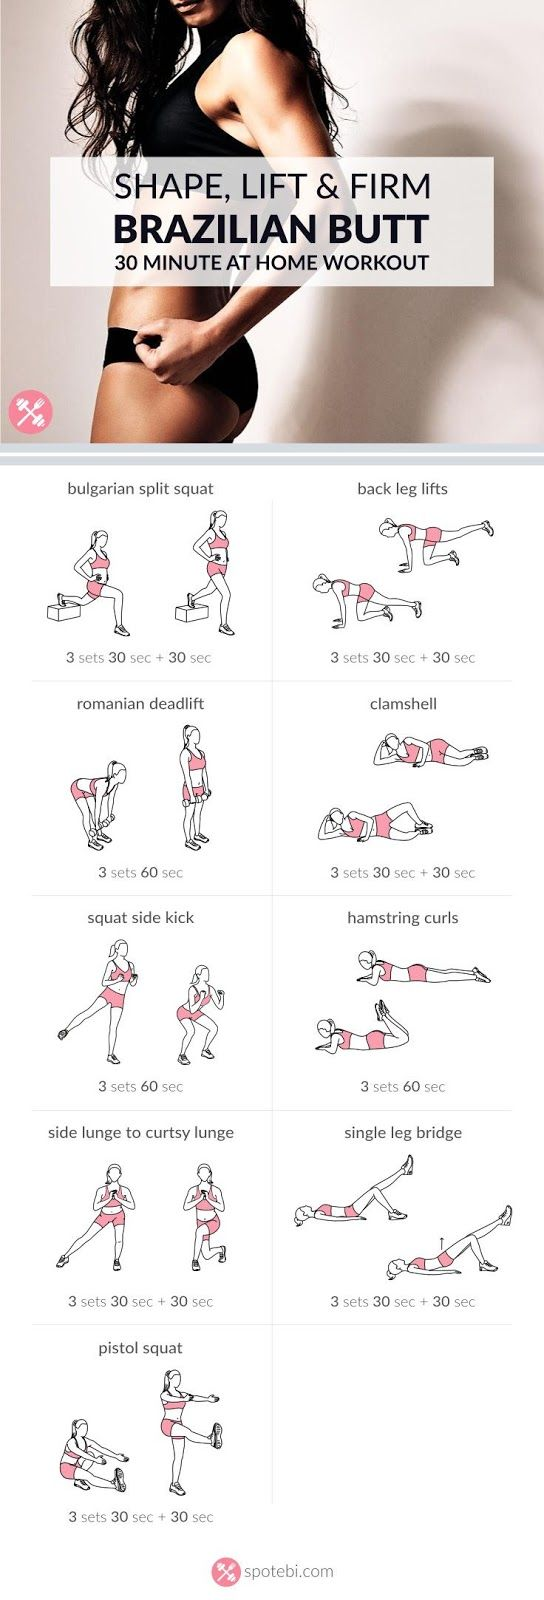 Shape, Lift & Firm Brazilian But Workout | Medi Villas (herbal weight loss pills)